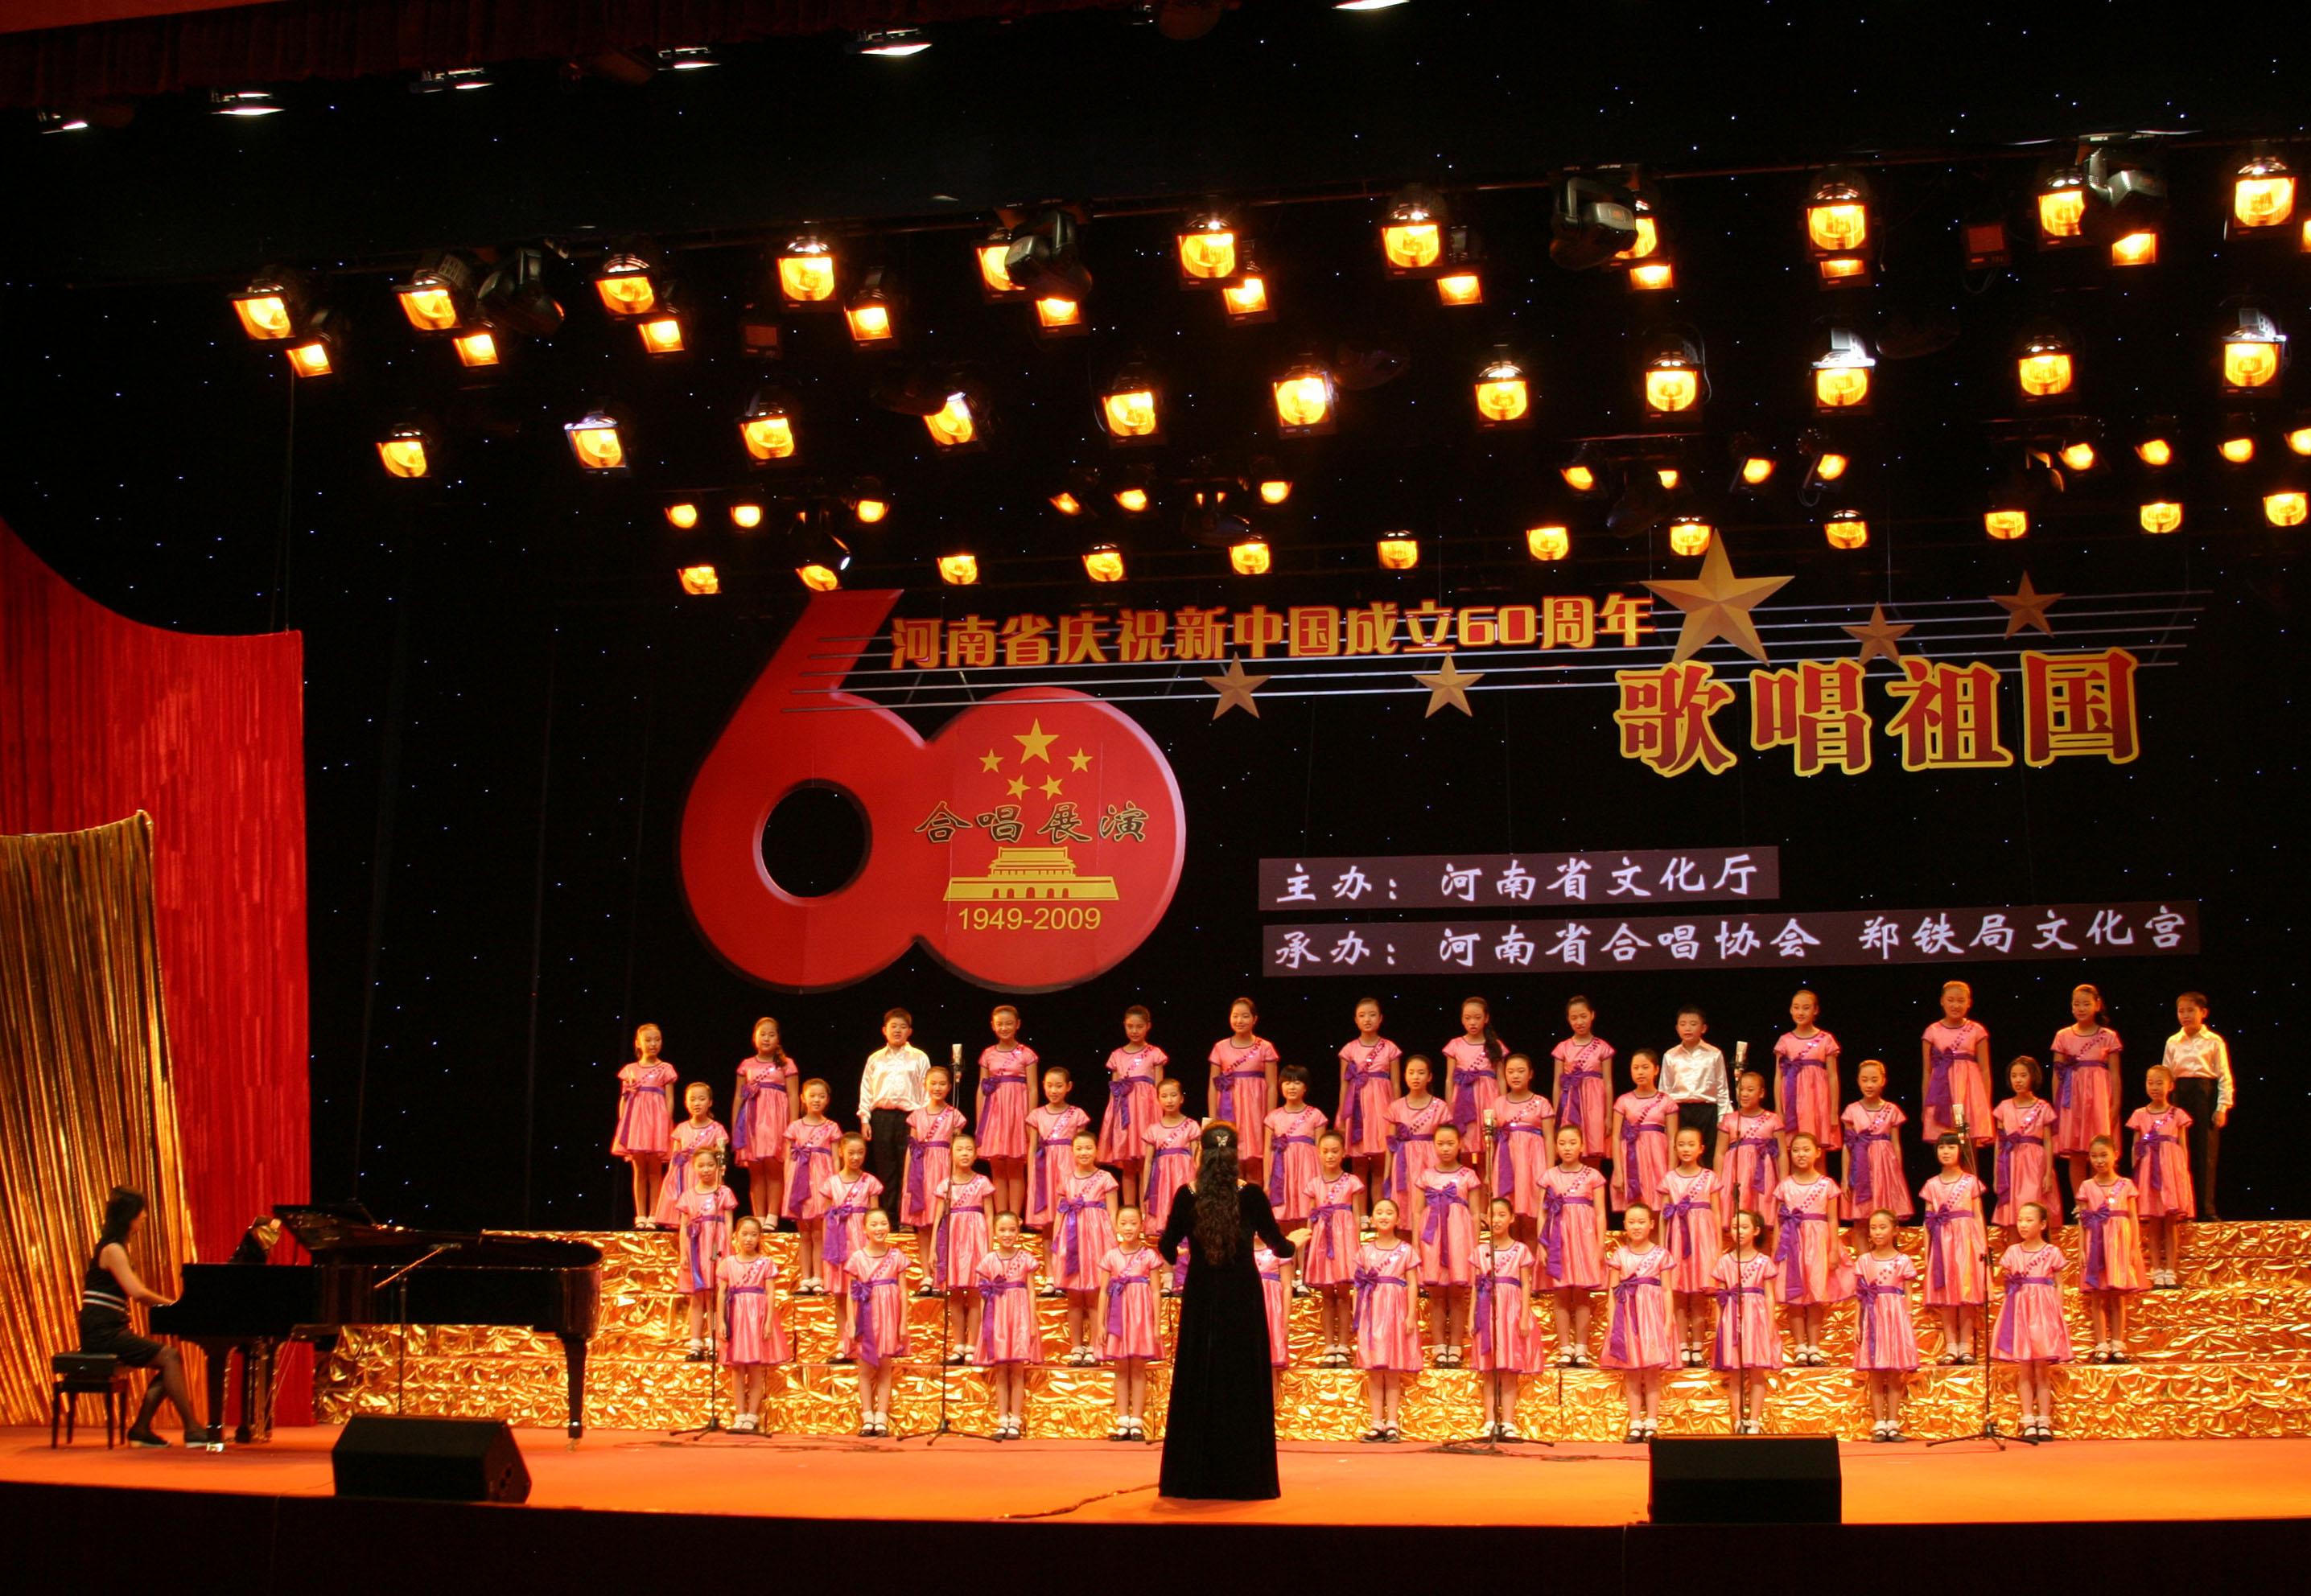 成立60周年 歌唱祖国